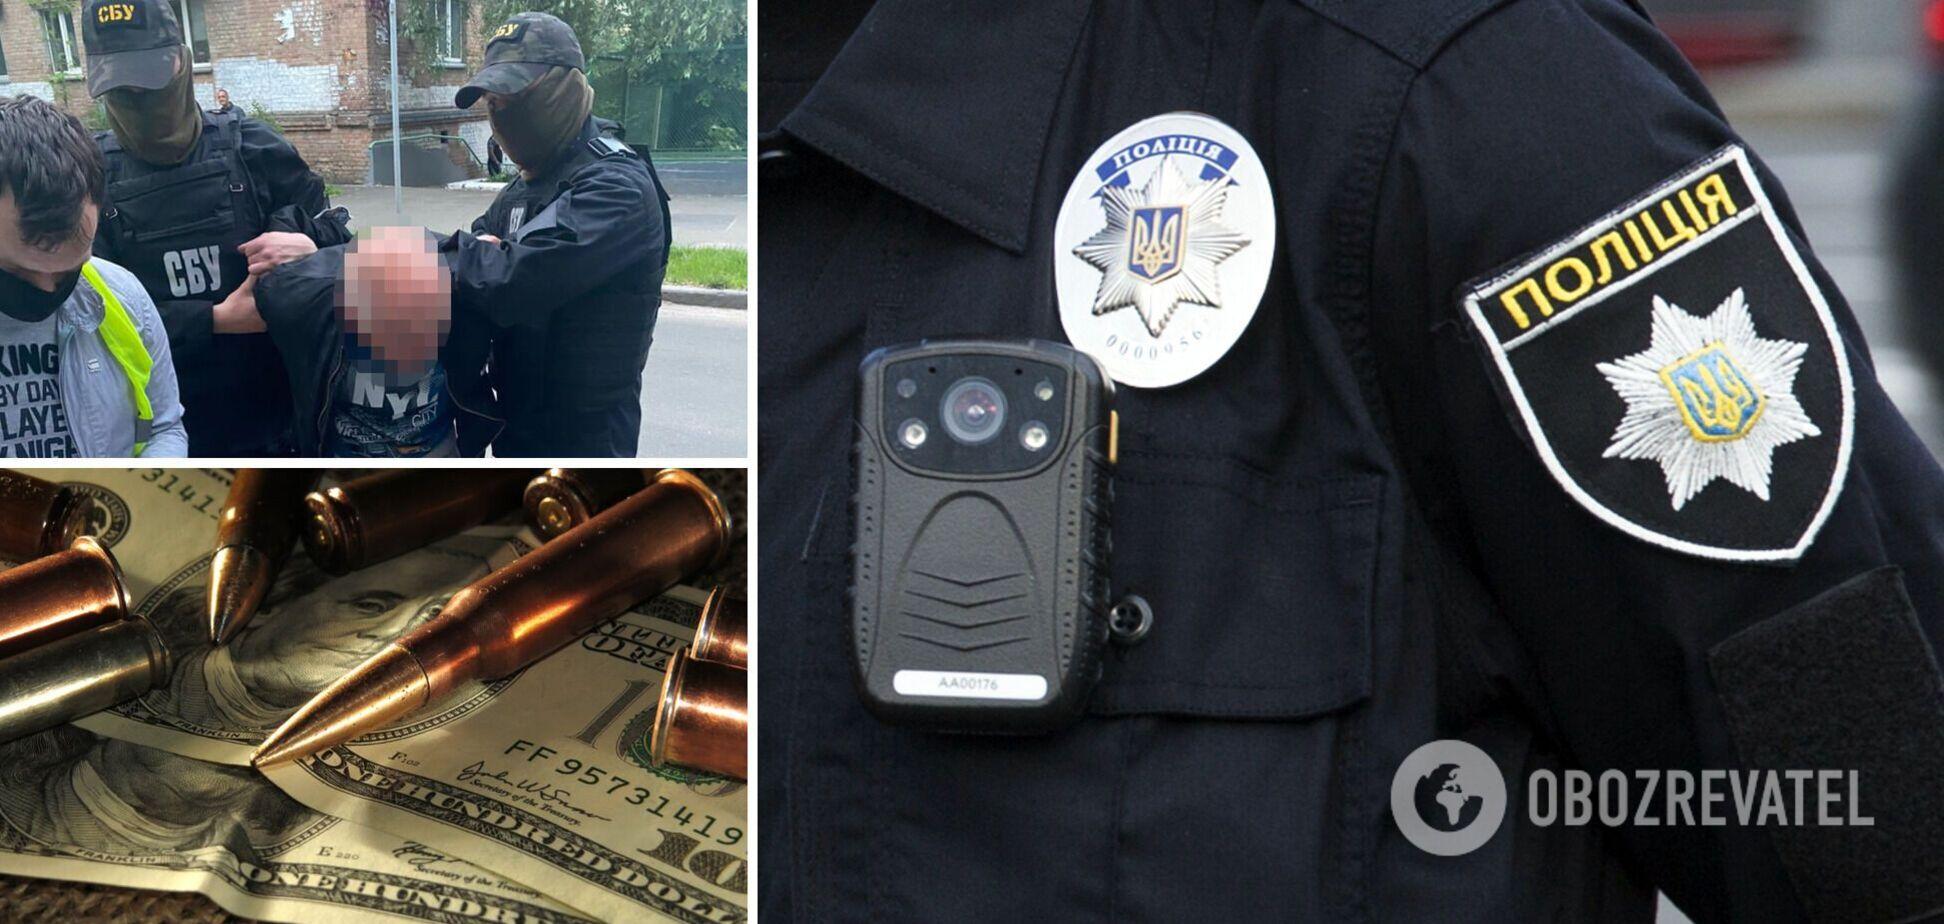 У Києві затримали охоронця ТРЦ за торгівлю зброєю й вибухівкою: подробиці та фото